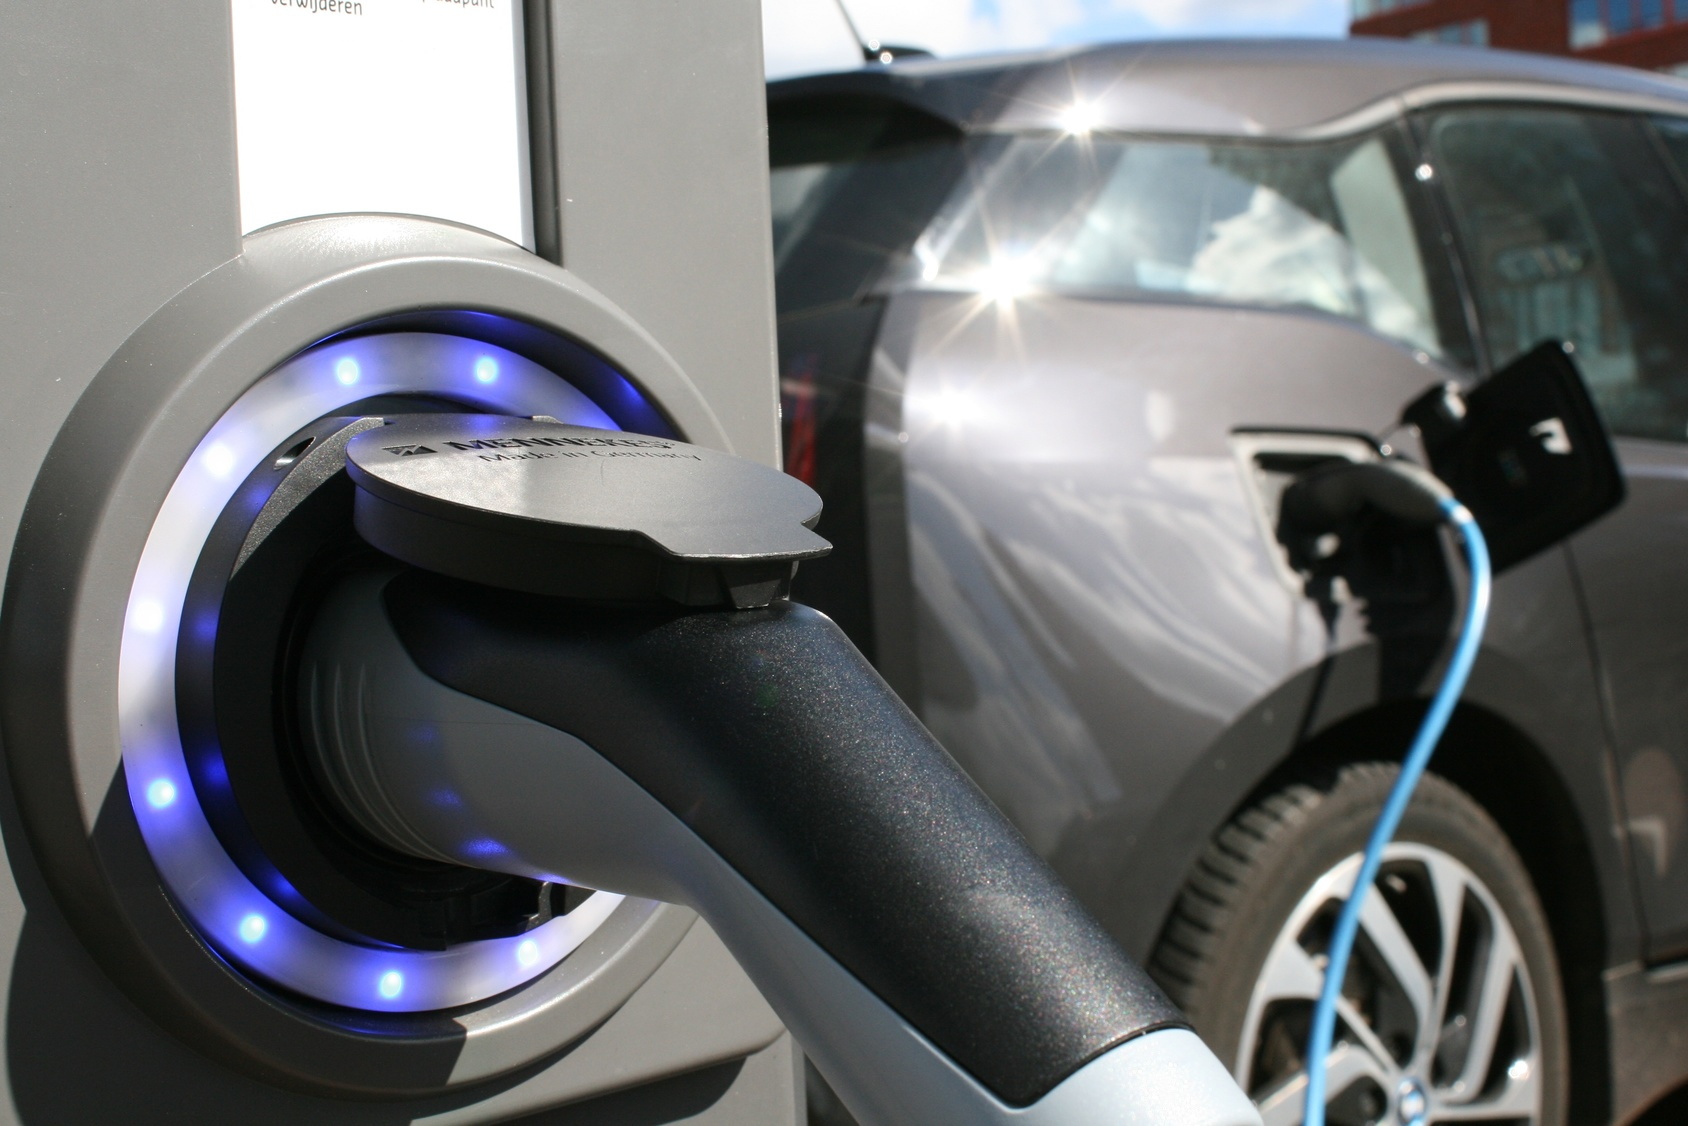 Referenzen zur Elektromobilität - Elektromobilität nutzen - Elektrofahrzeuge intelligent einsetzen - Berater für Elektromobilität